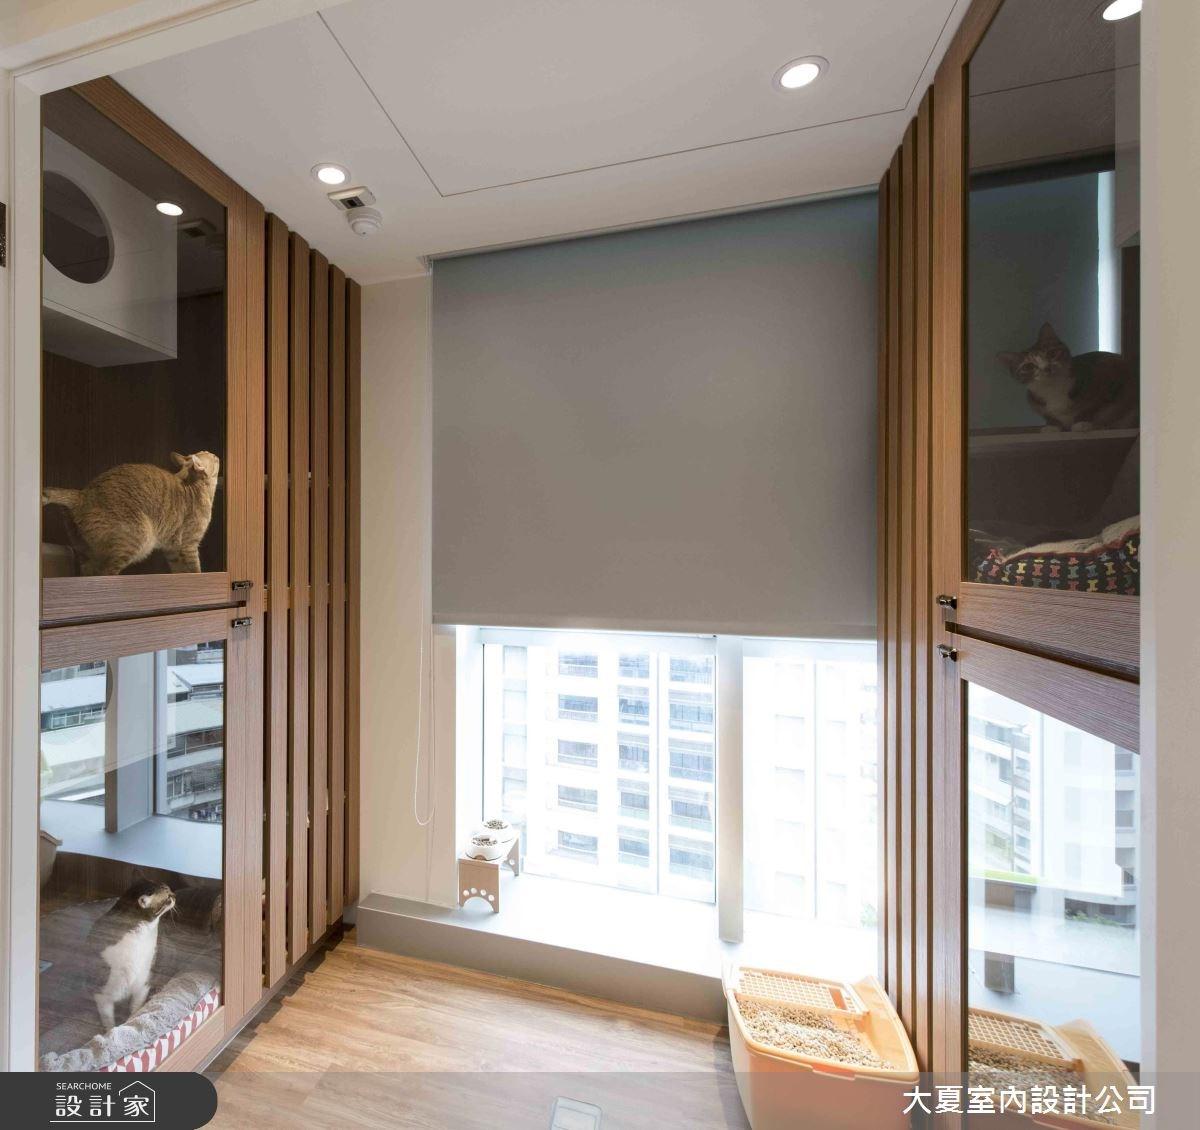 47坪新成屋(5年以下)_鄉村風寵物案例圖片_大夏室內設計公司_大夏_47之11